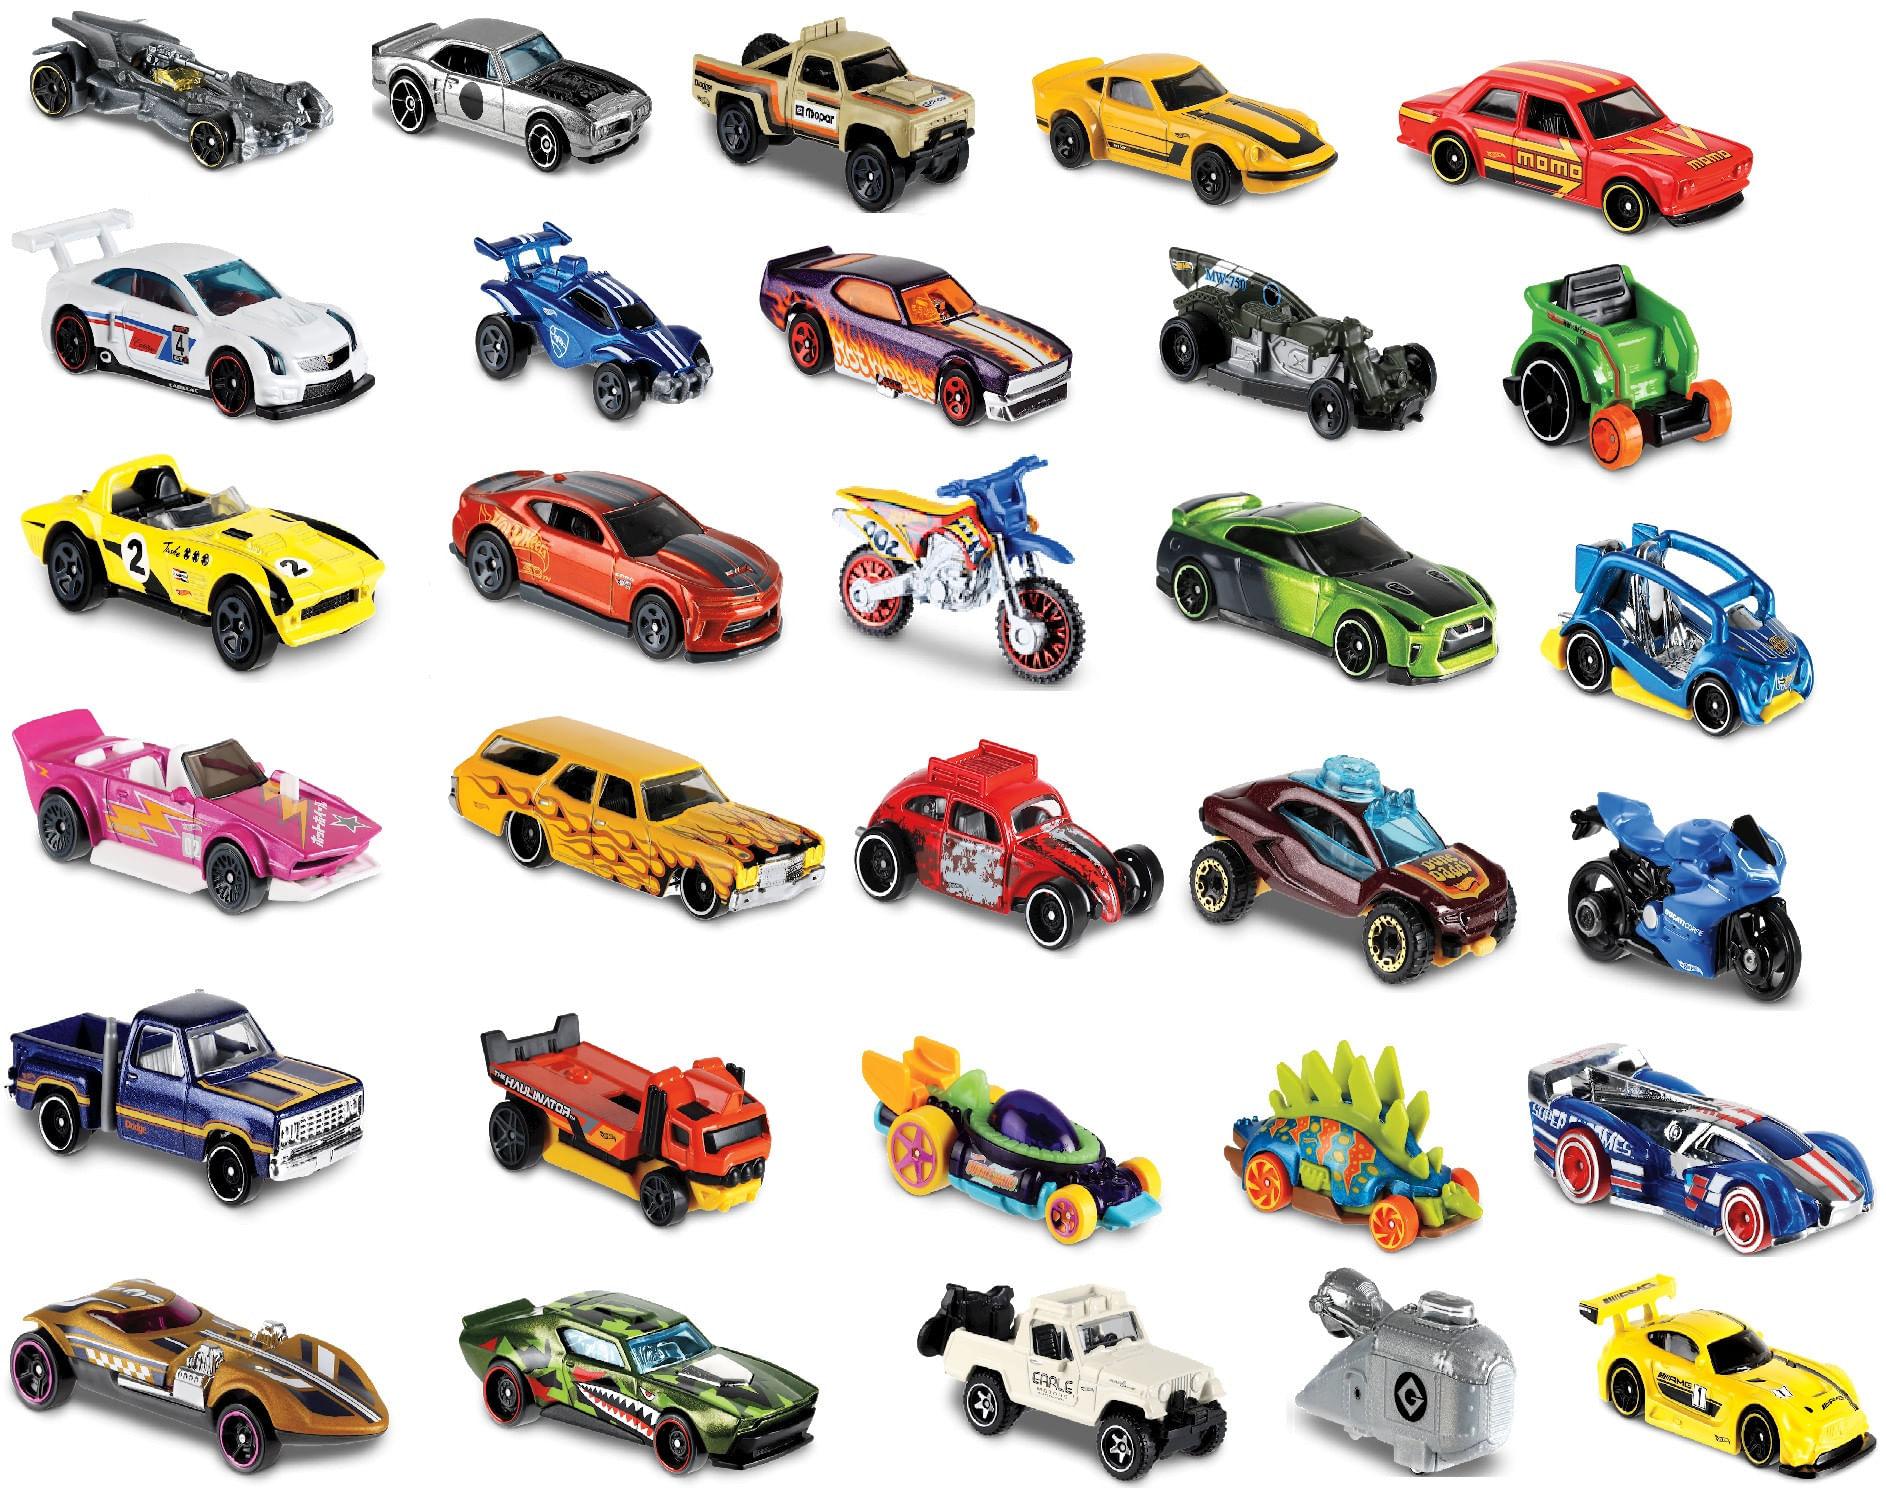 Hot Wheels Básico - Modelos sortidos